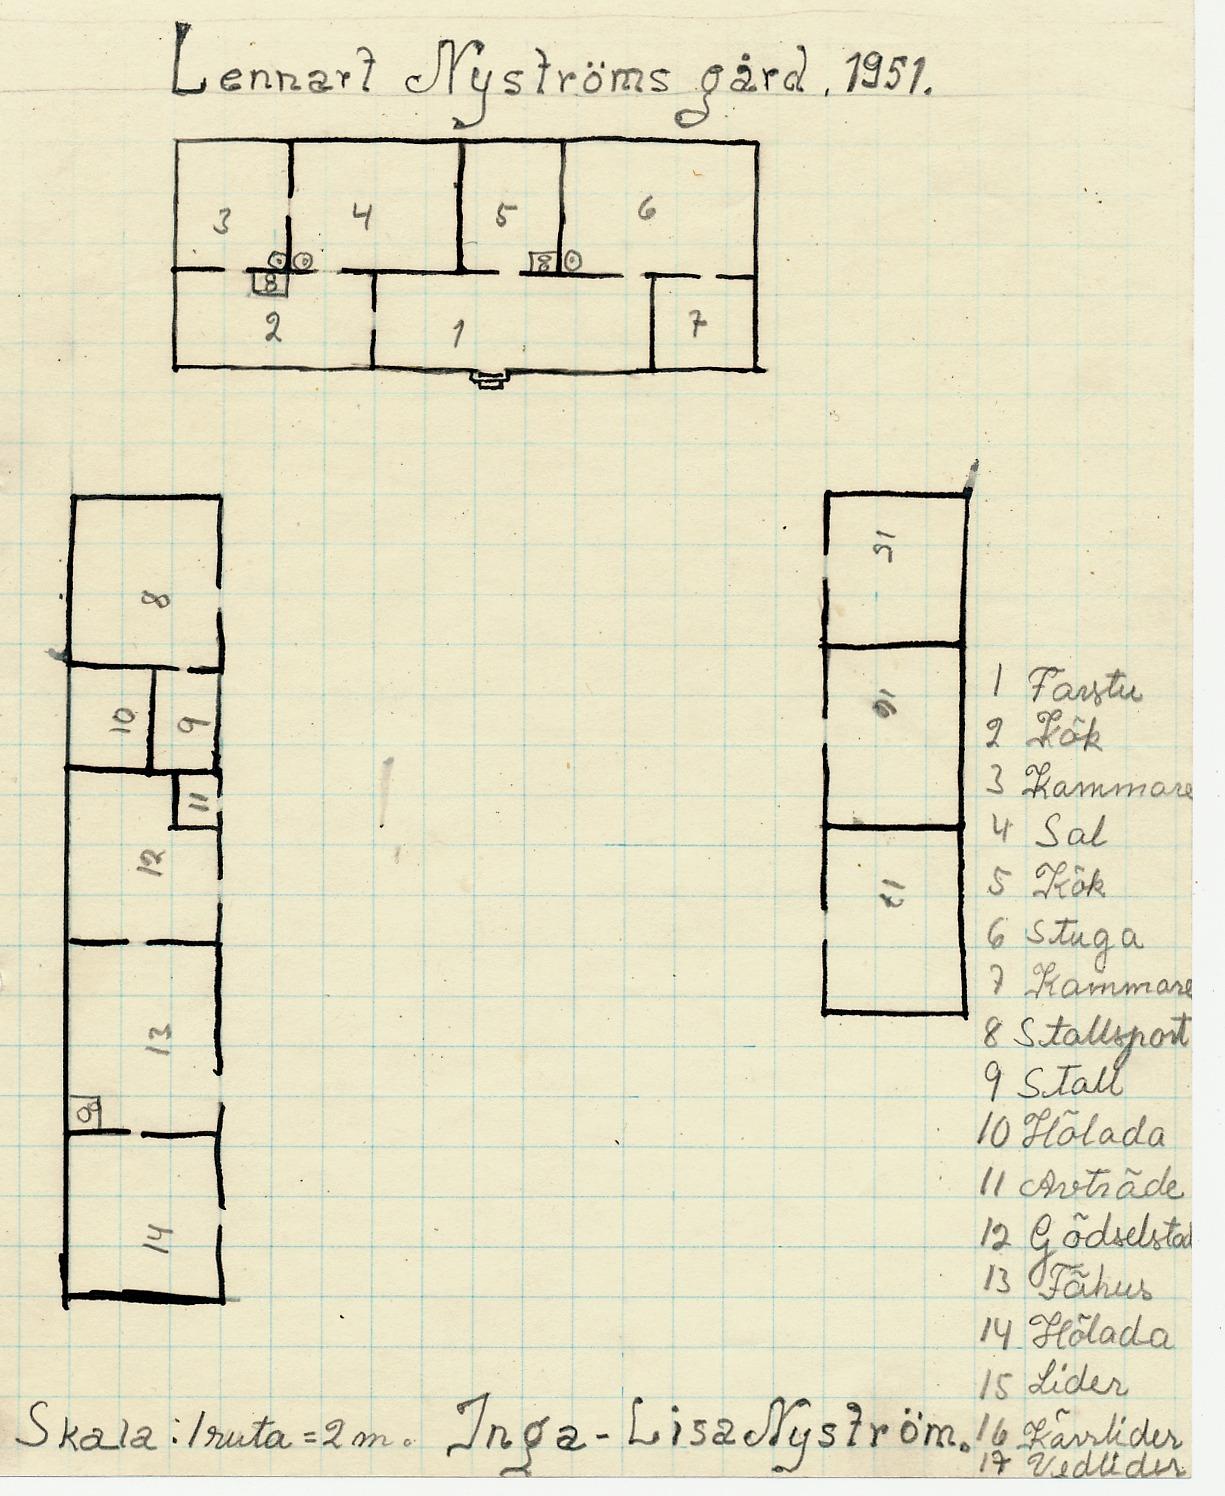 I skolan hörde det till att eleverna skulle rita upp hur hemgården såg ut och vilka uthus det fanns. Så här ritade Inga-Lisa Nyström sin hemgård år 1951. Se speciellt hur uthusen var placerade i början på 50-talet.